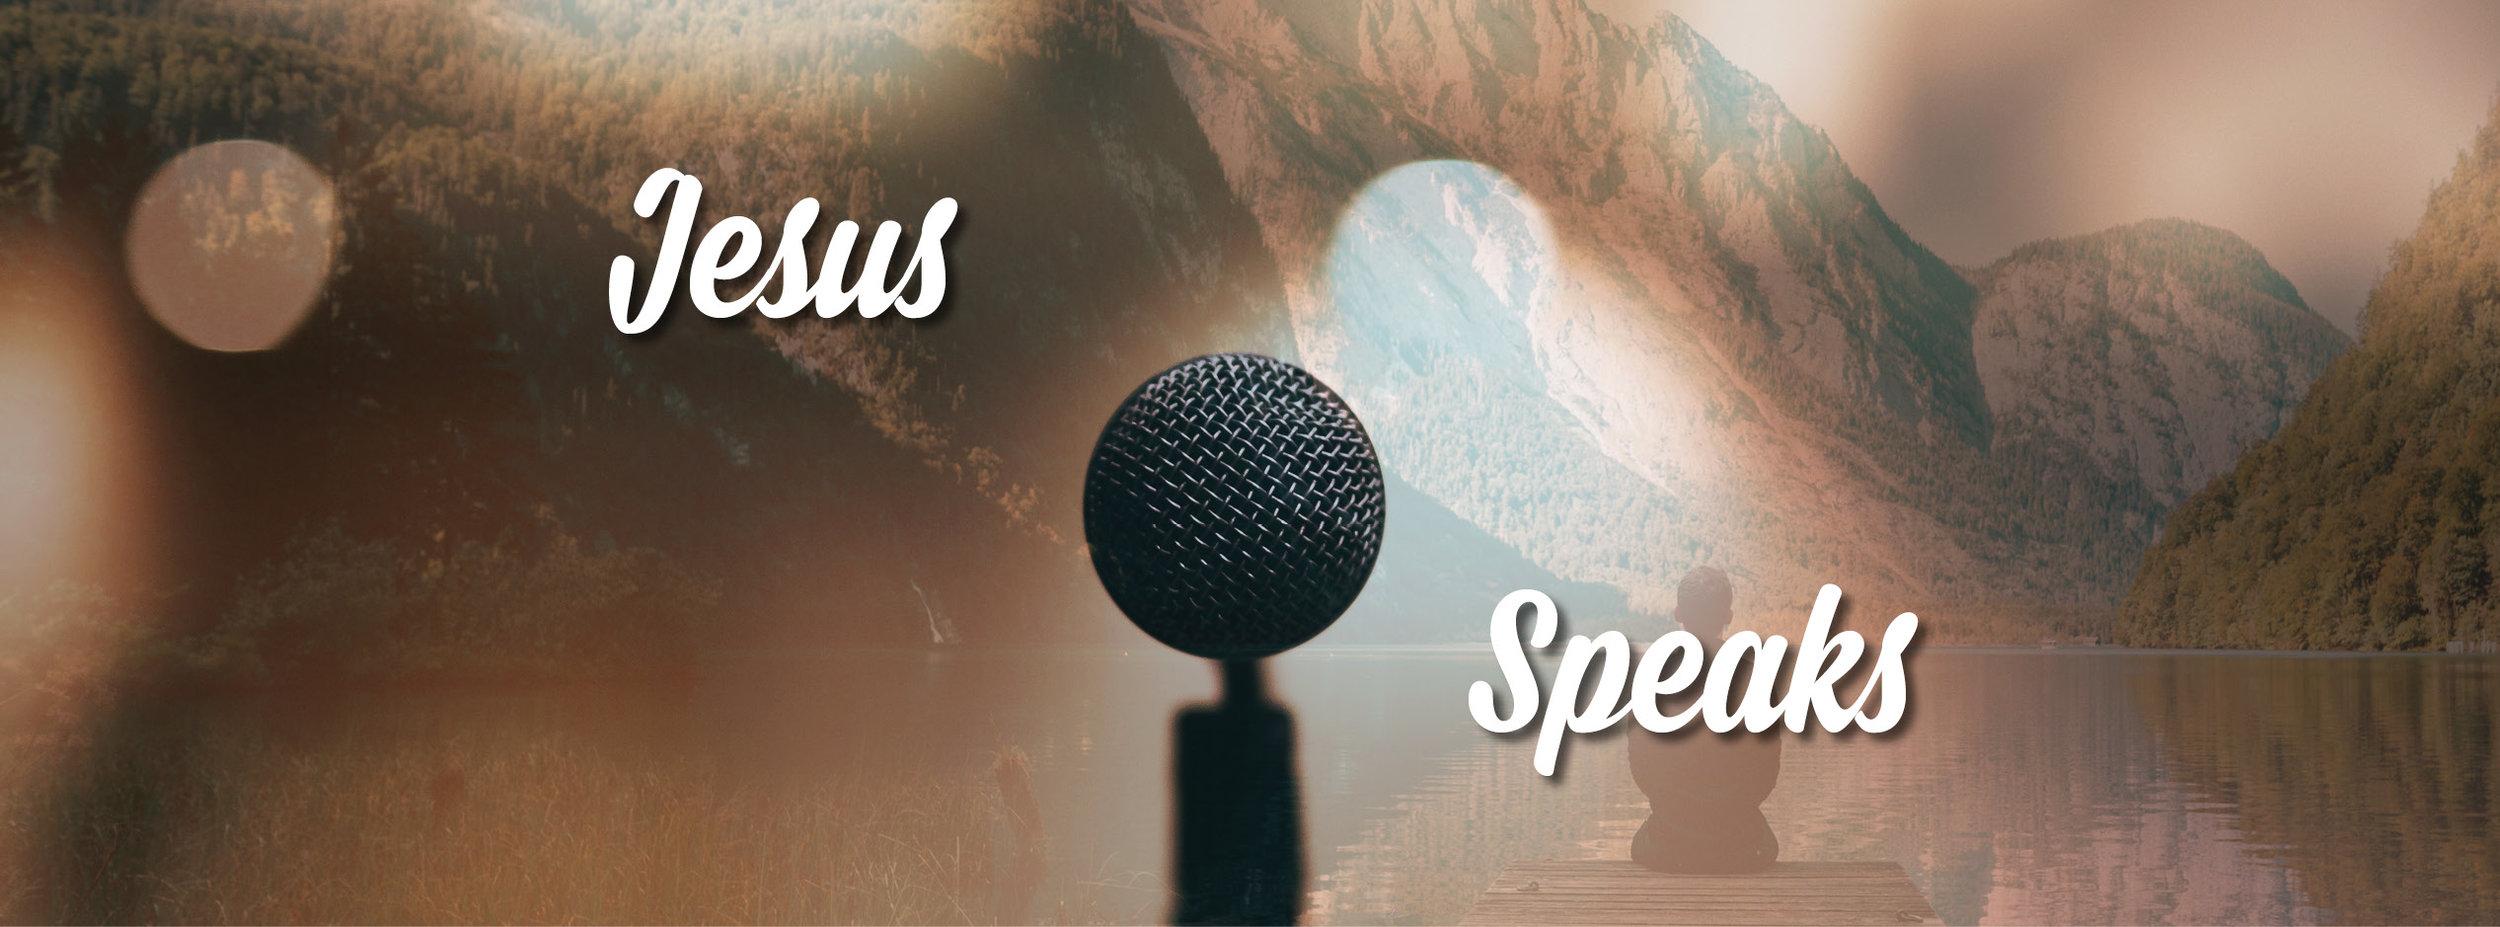 Jesus Speaks Web Graphic.jpg